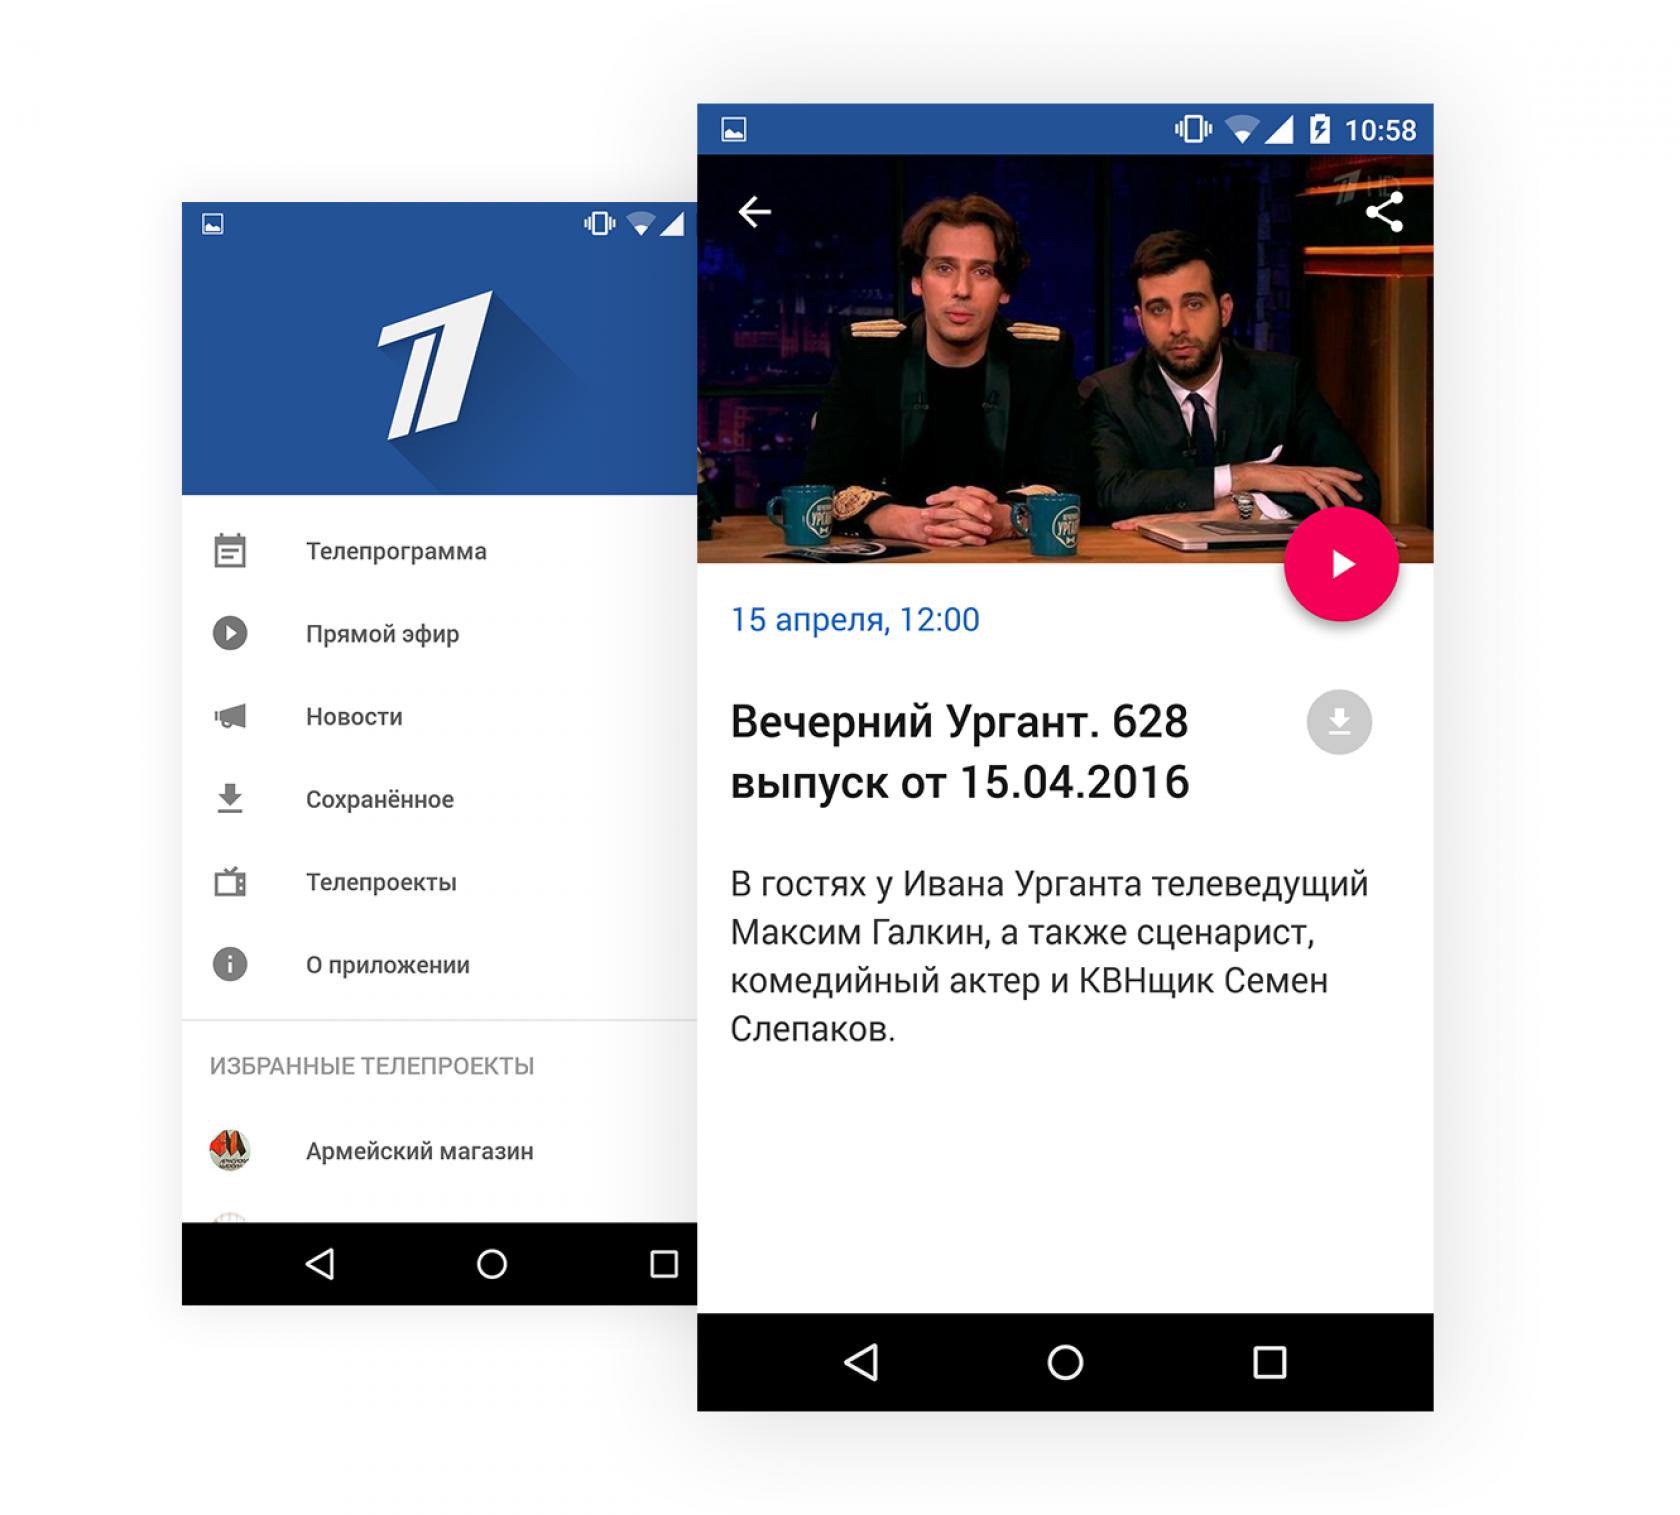 Первый канал мобильное приложение